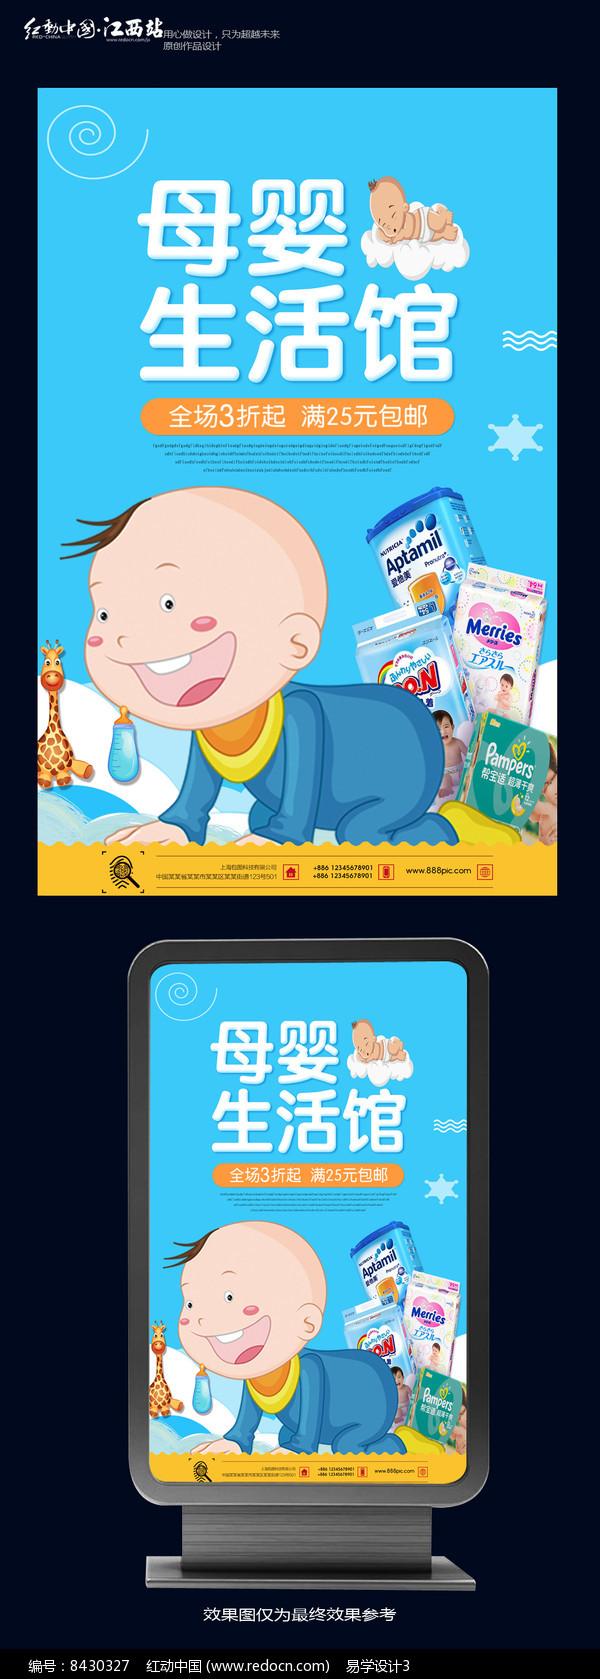 简约母婴生活馆海报设计图片